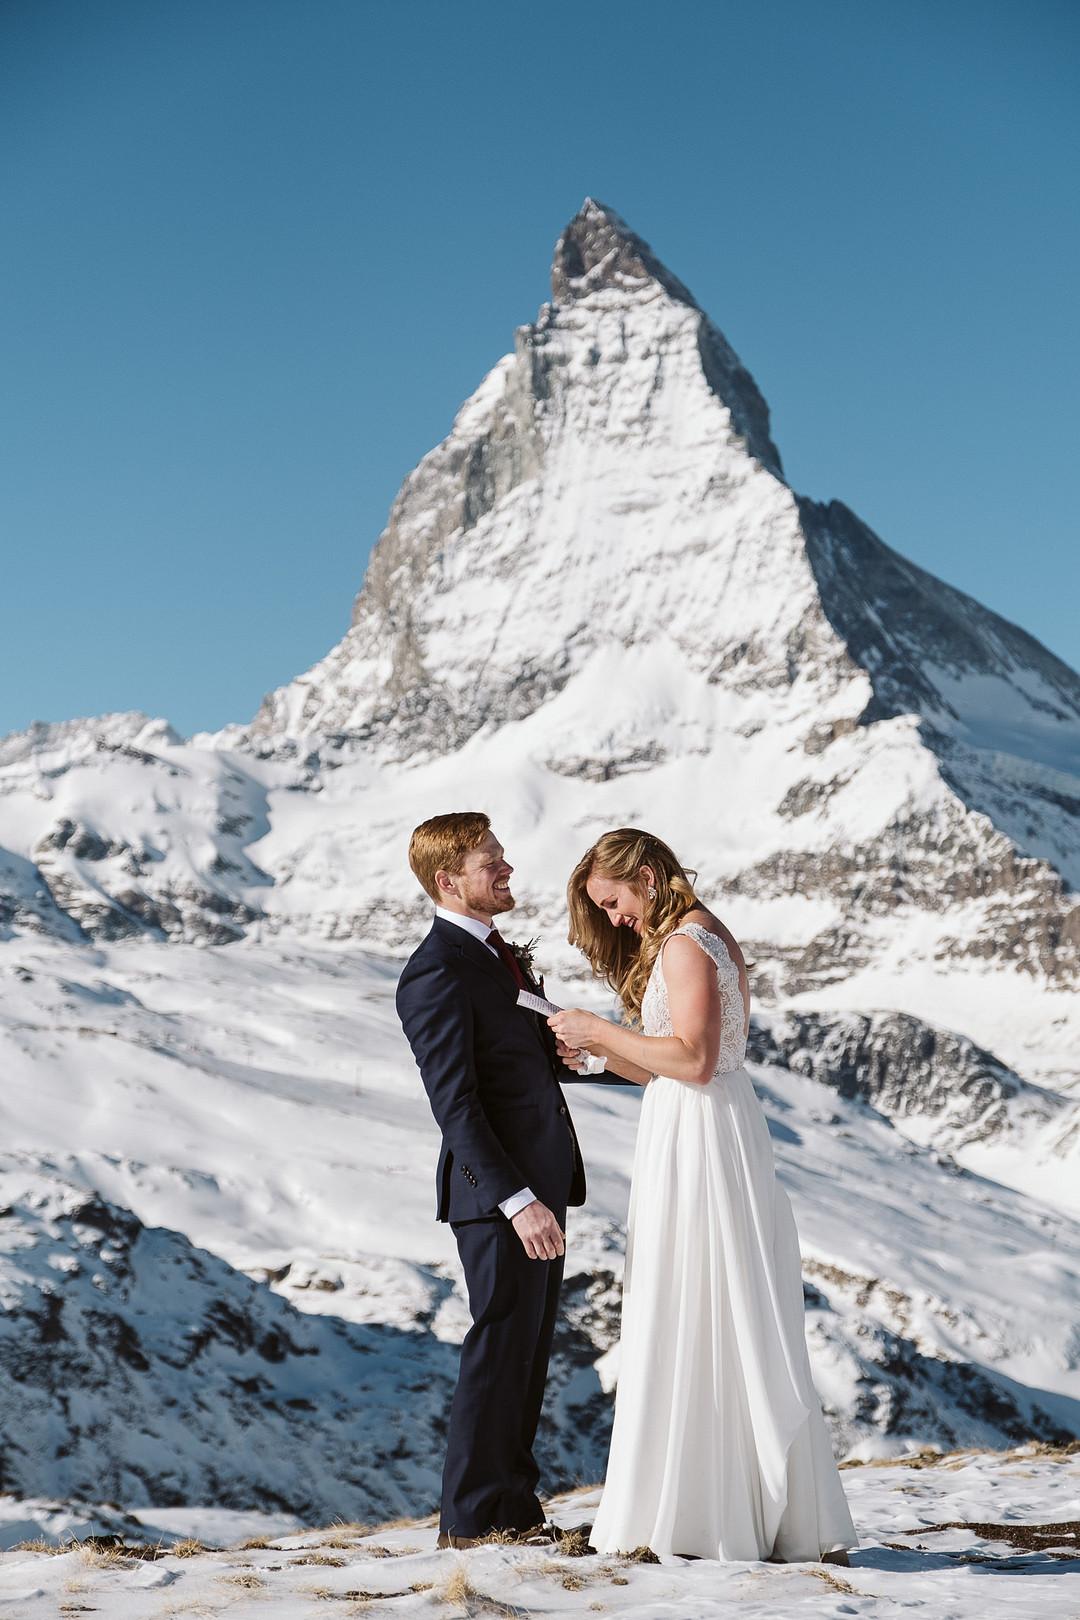 Winter elopement at the Matterhorn